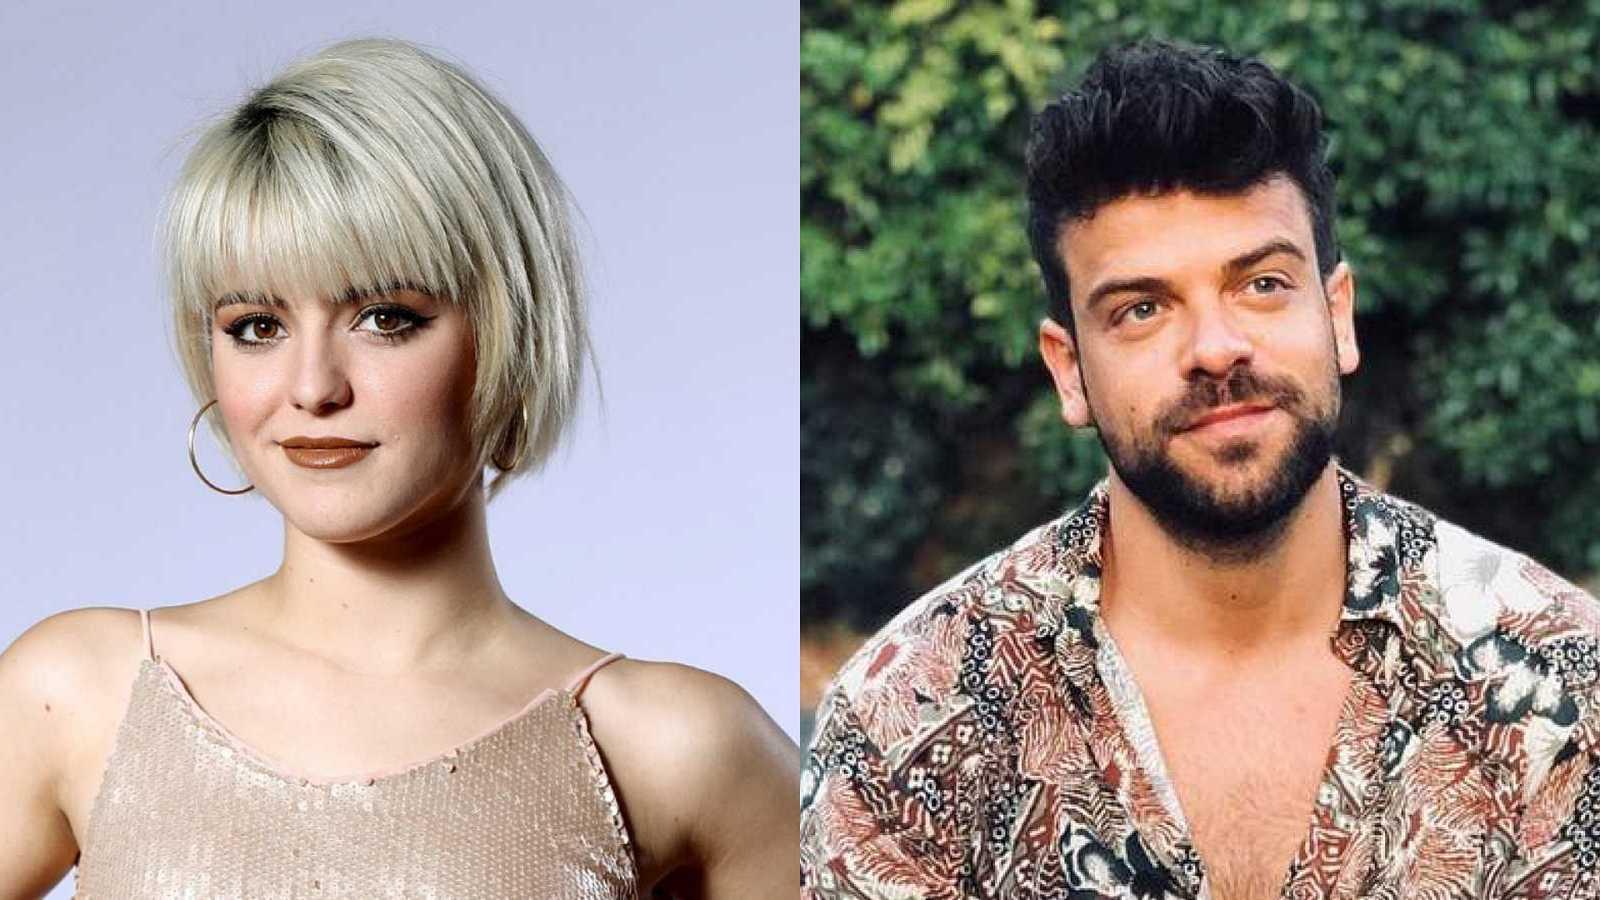 Alba Reche y Ricky Merino acturán en el OT Fest del 18 de julio